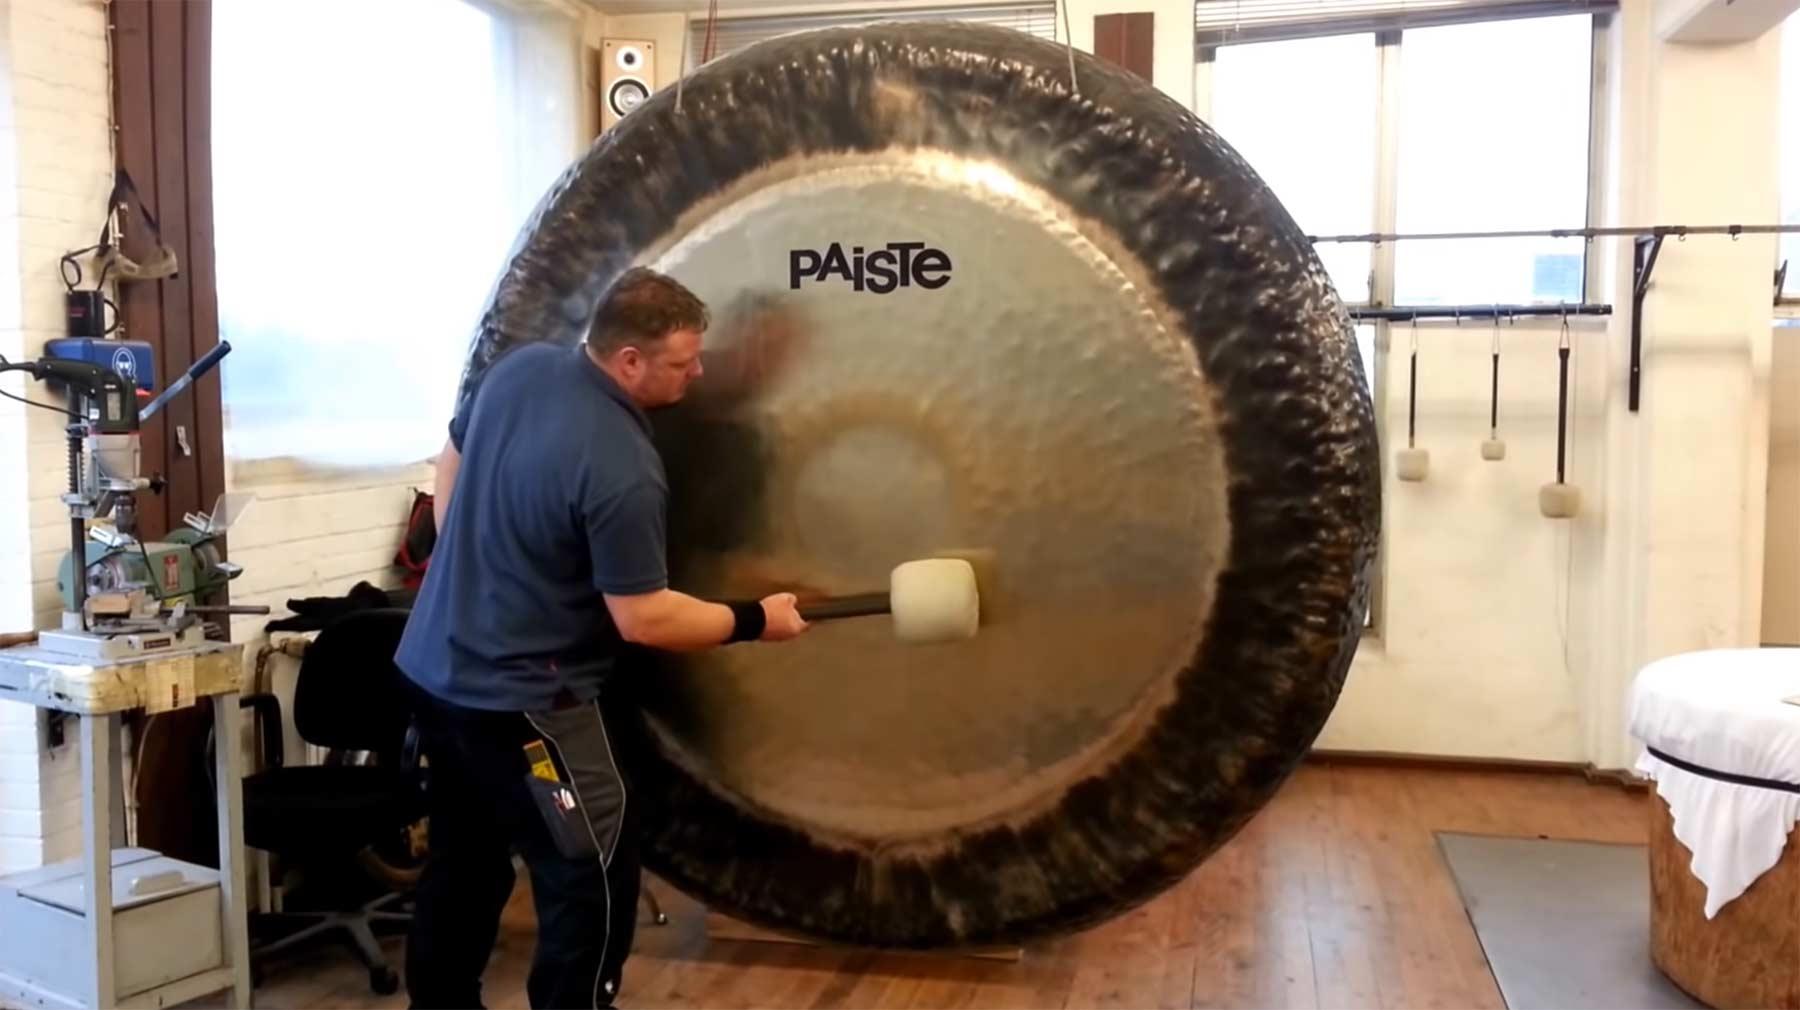 Einen zwei Meter großen Gong spielen